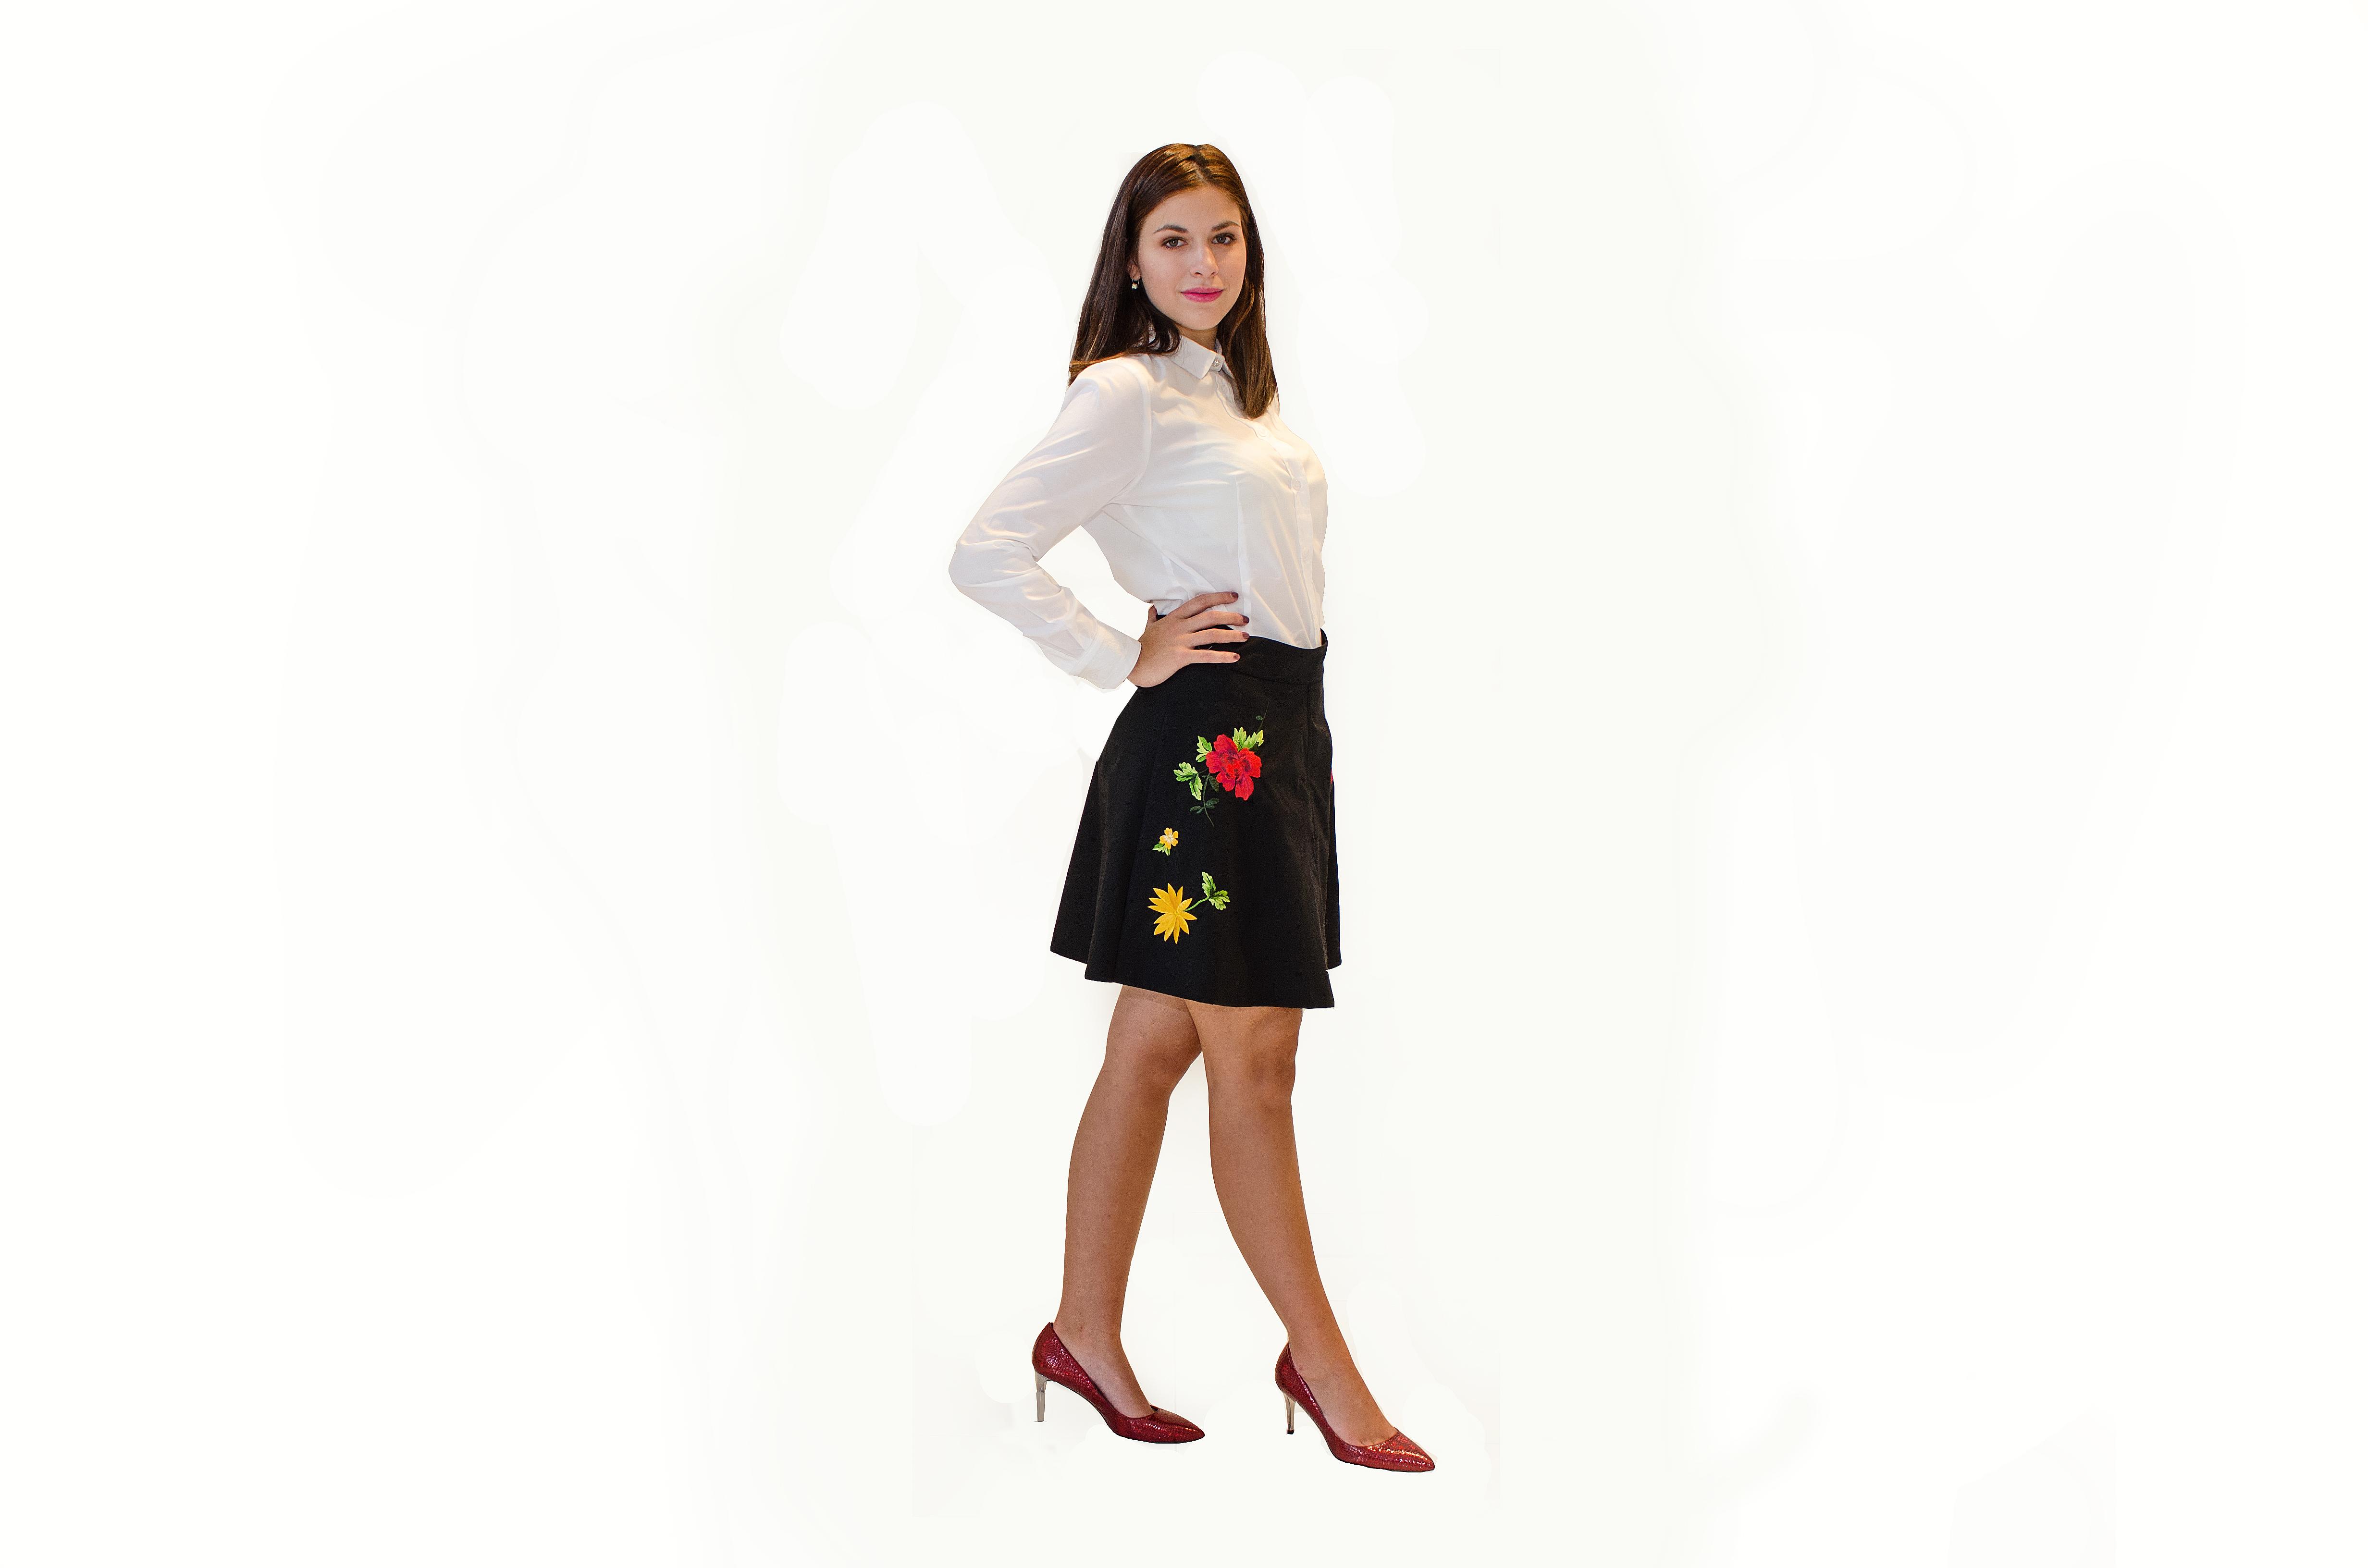 Černá sukně s výšivkou květů